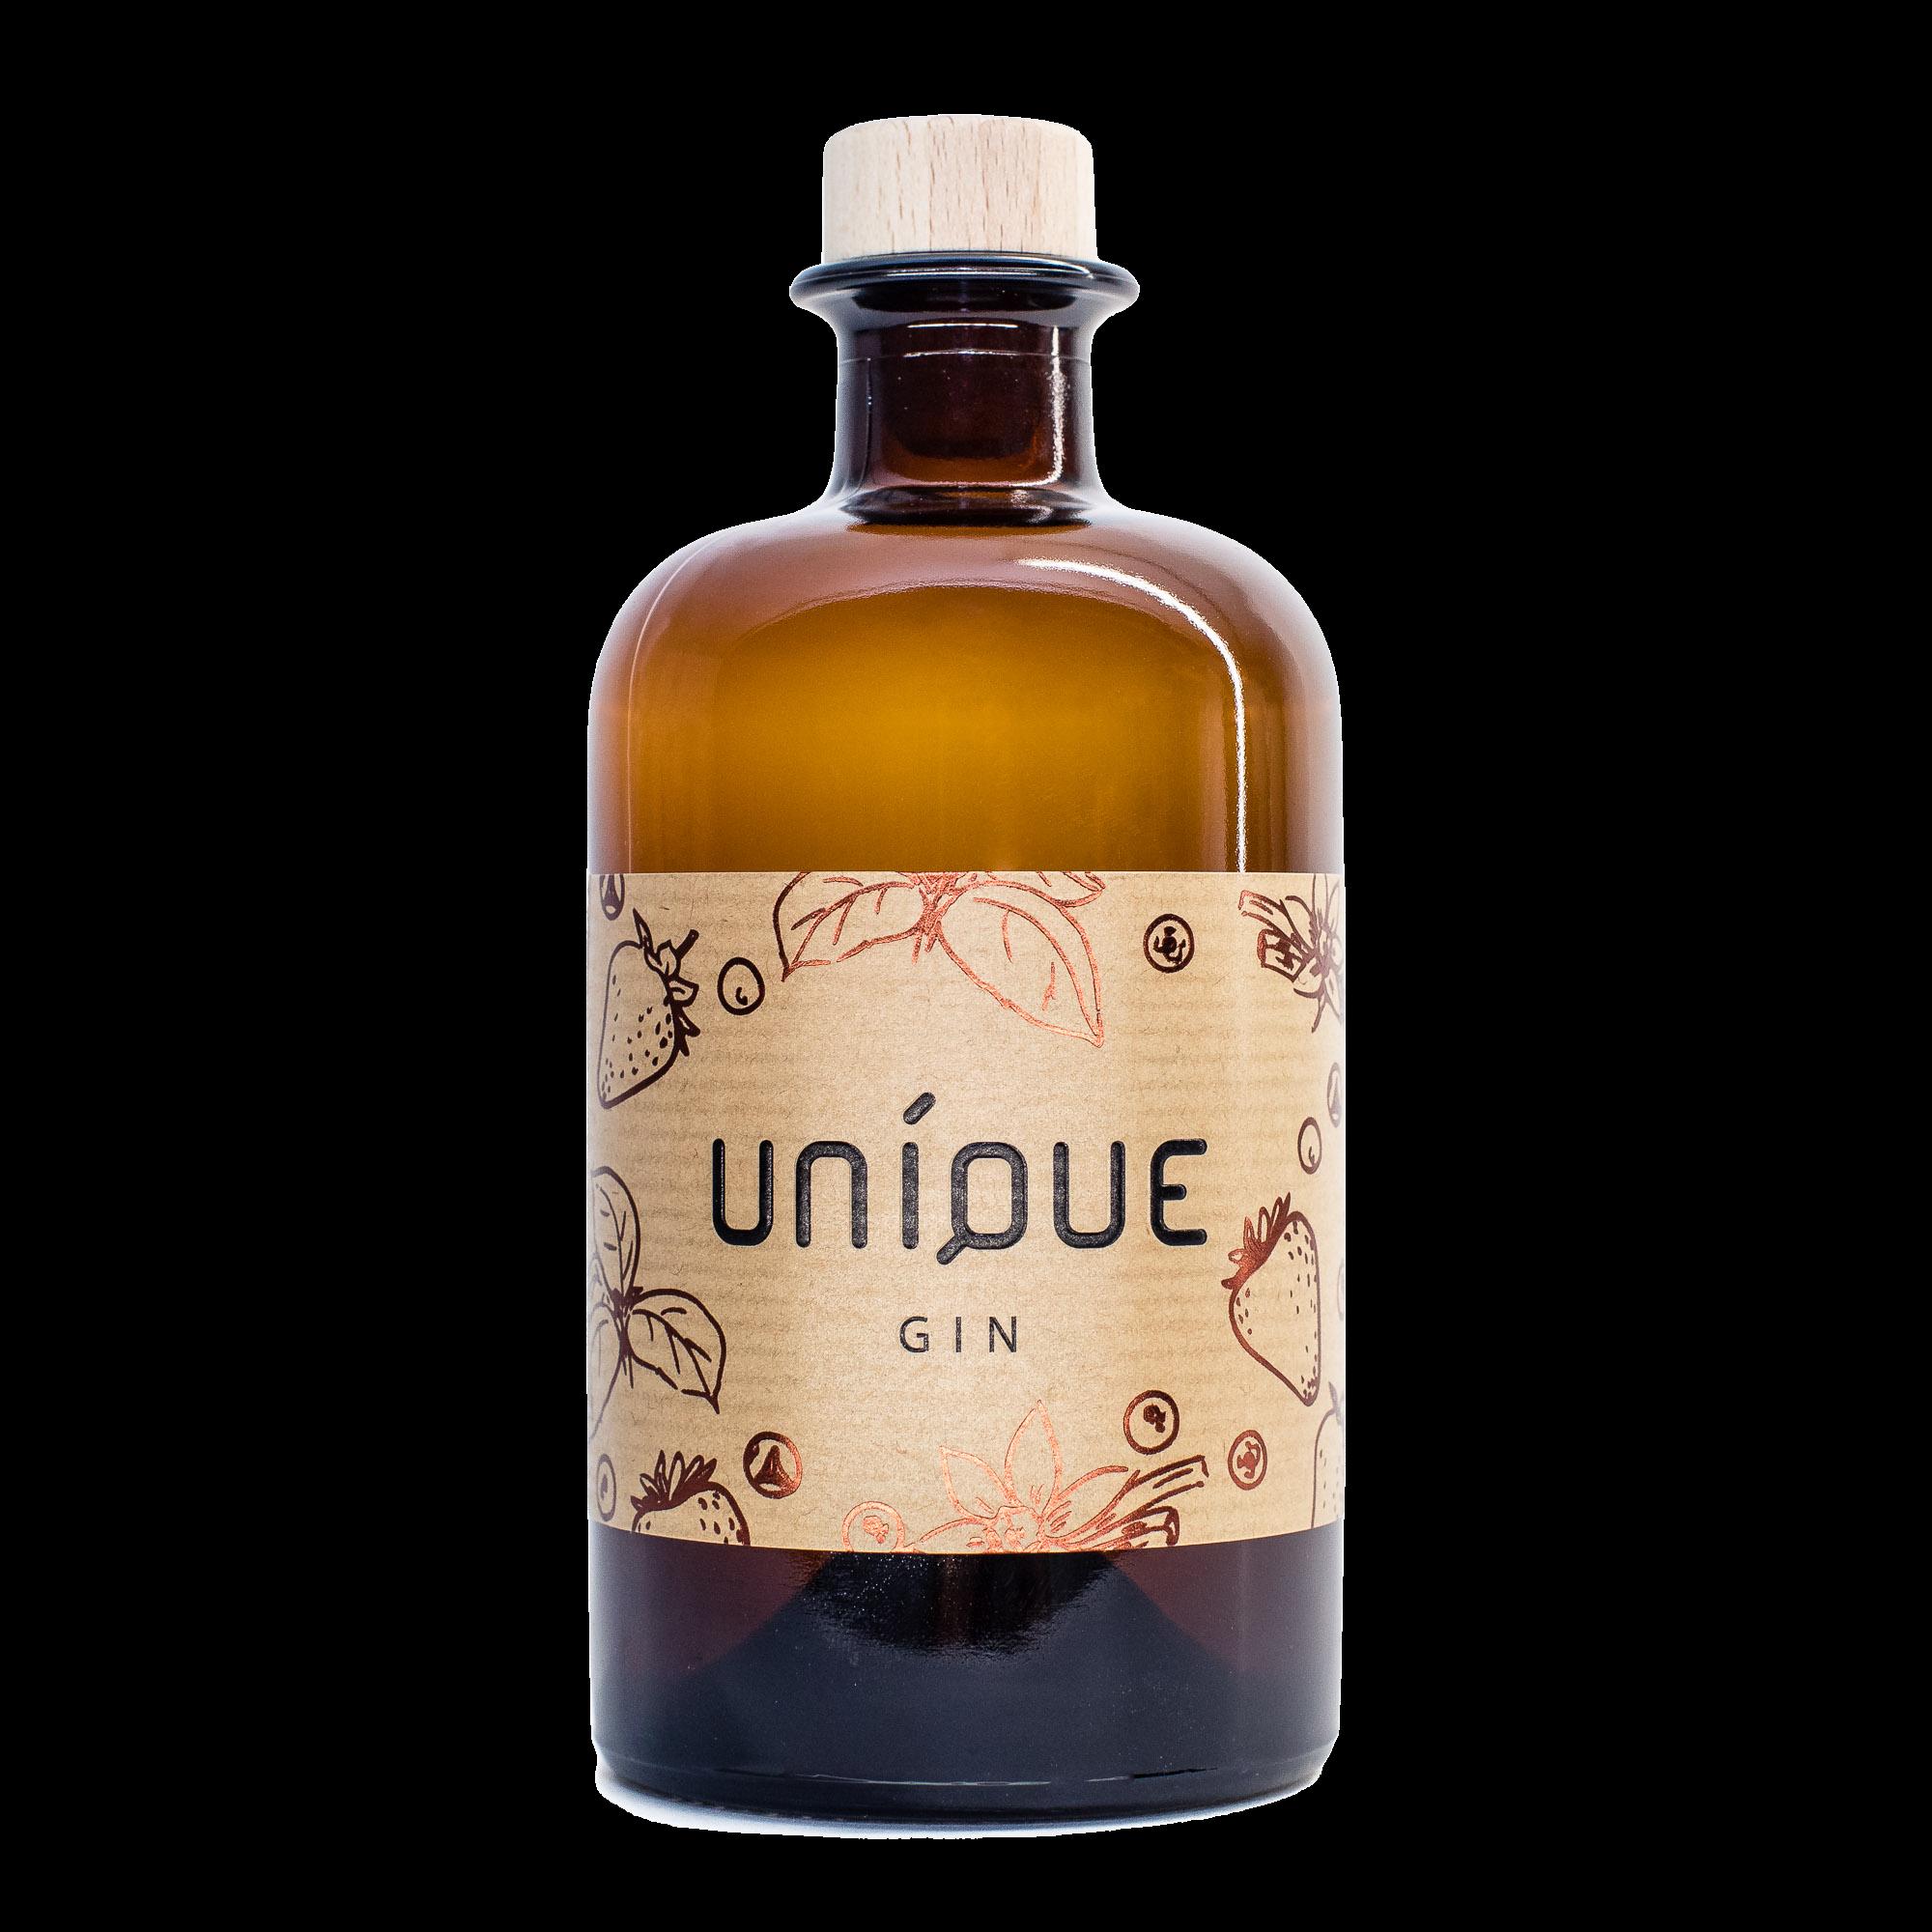 UNIQUE_LowRes-1 2